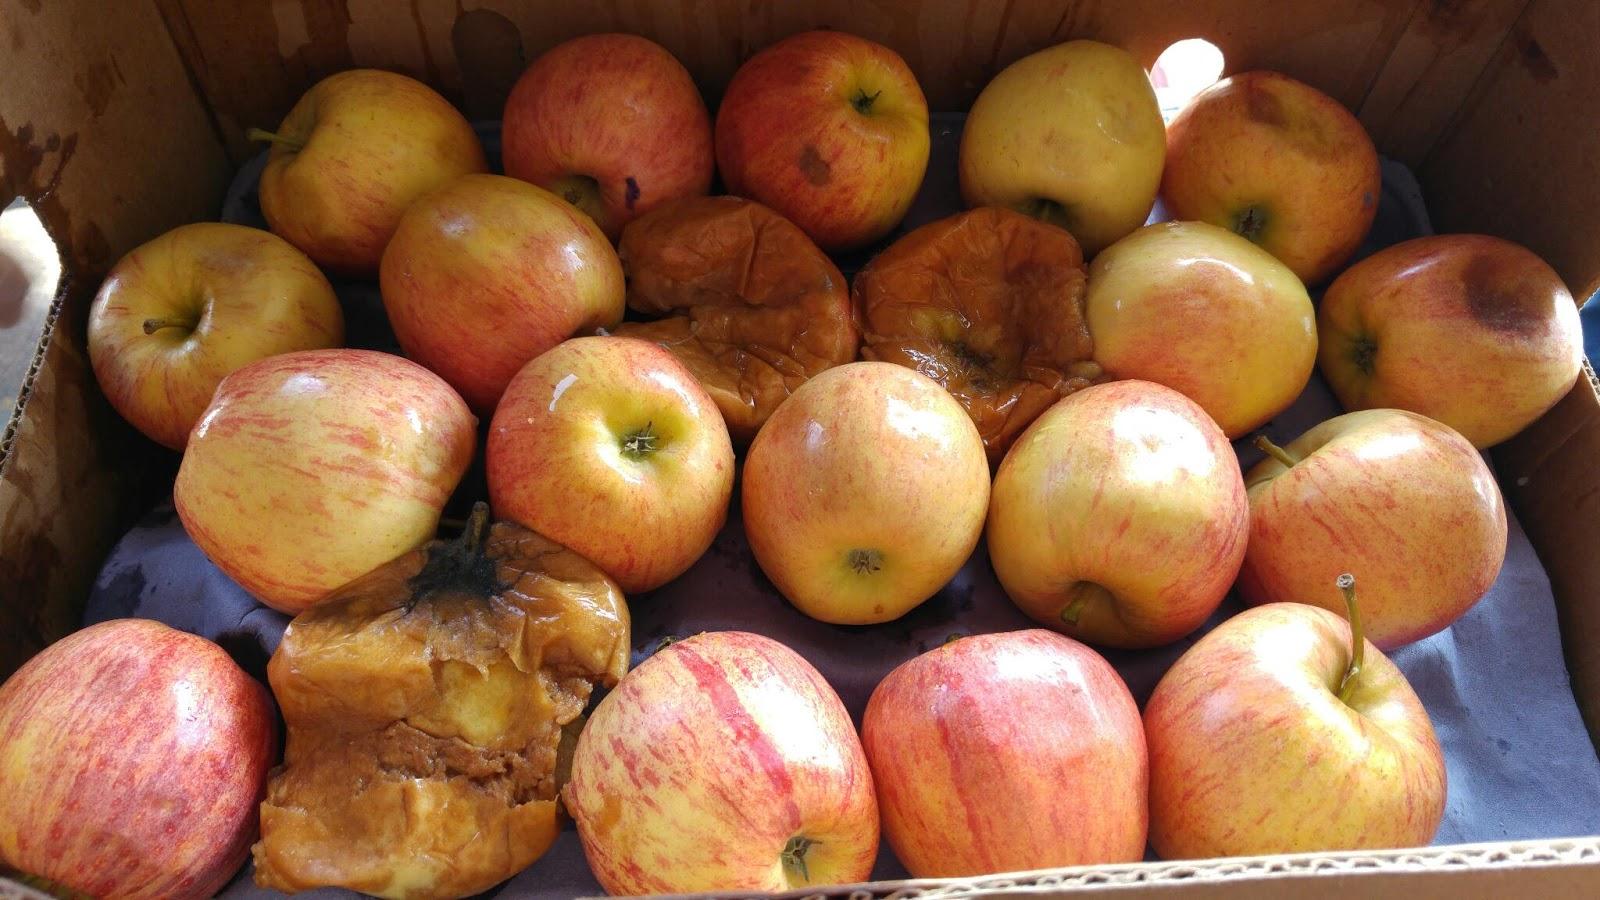 Manzanas del frutero filósofo